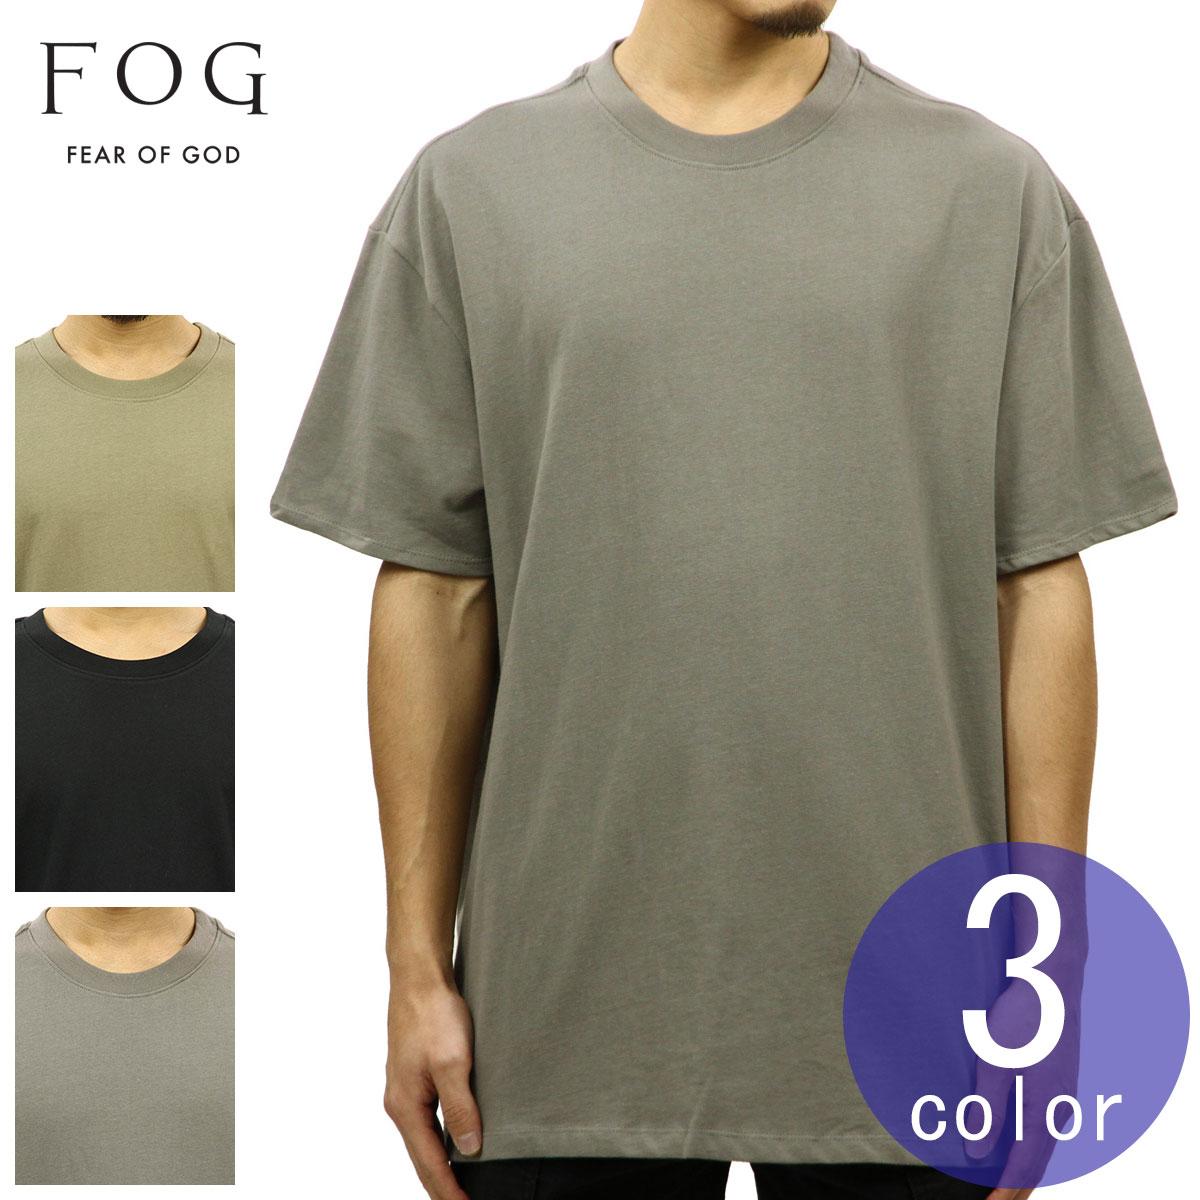 フィアオブゴッド FEAR OF GOD 正規品 メンズ 無地 半袖Tシャツ FOG - FEAR OF GOD ESSENTIALS BOXY T-SHIRT